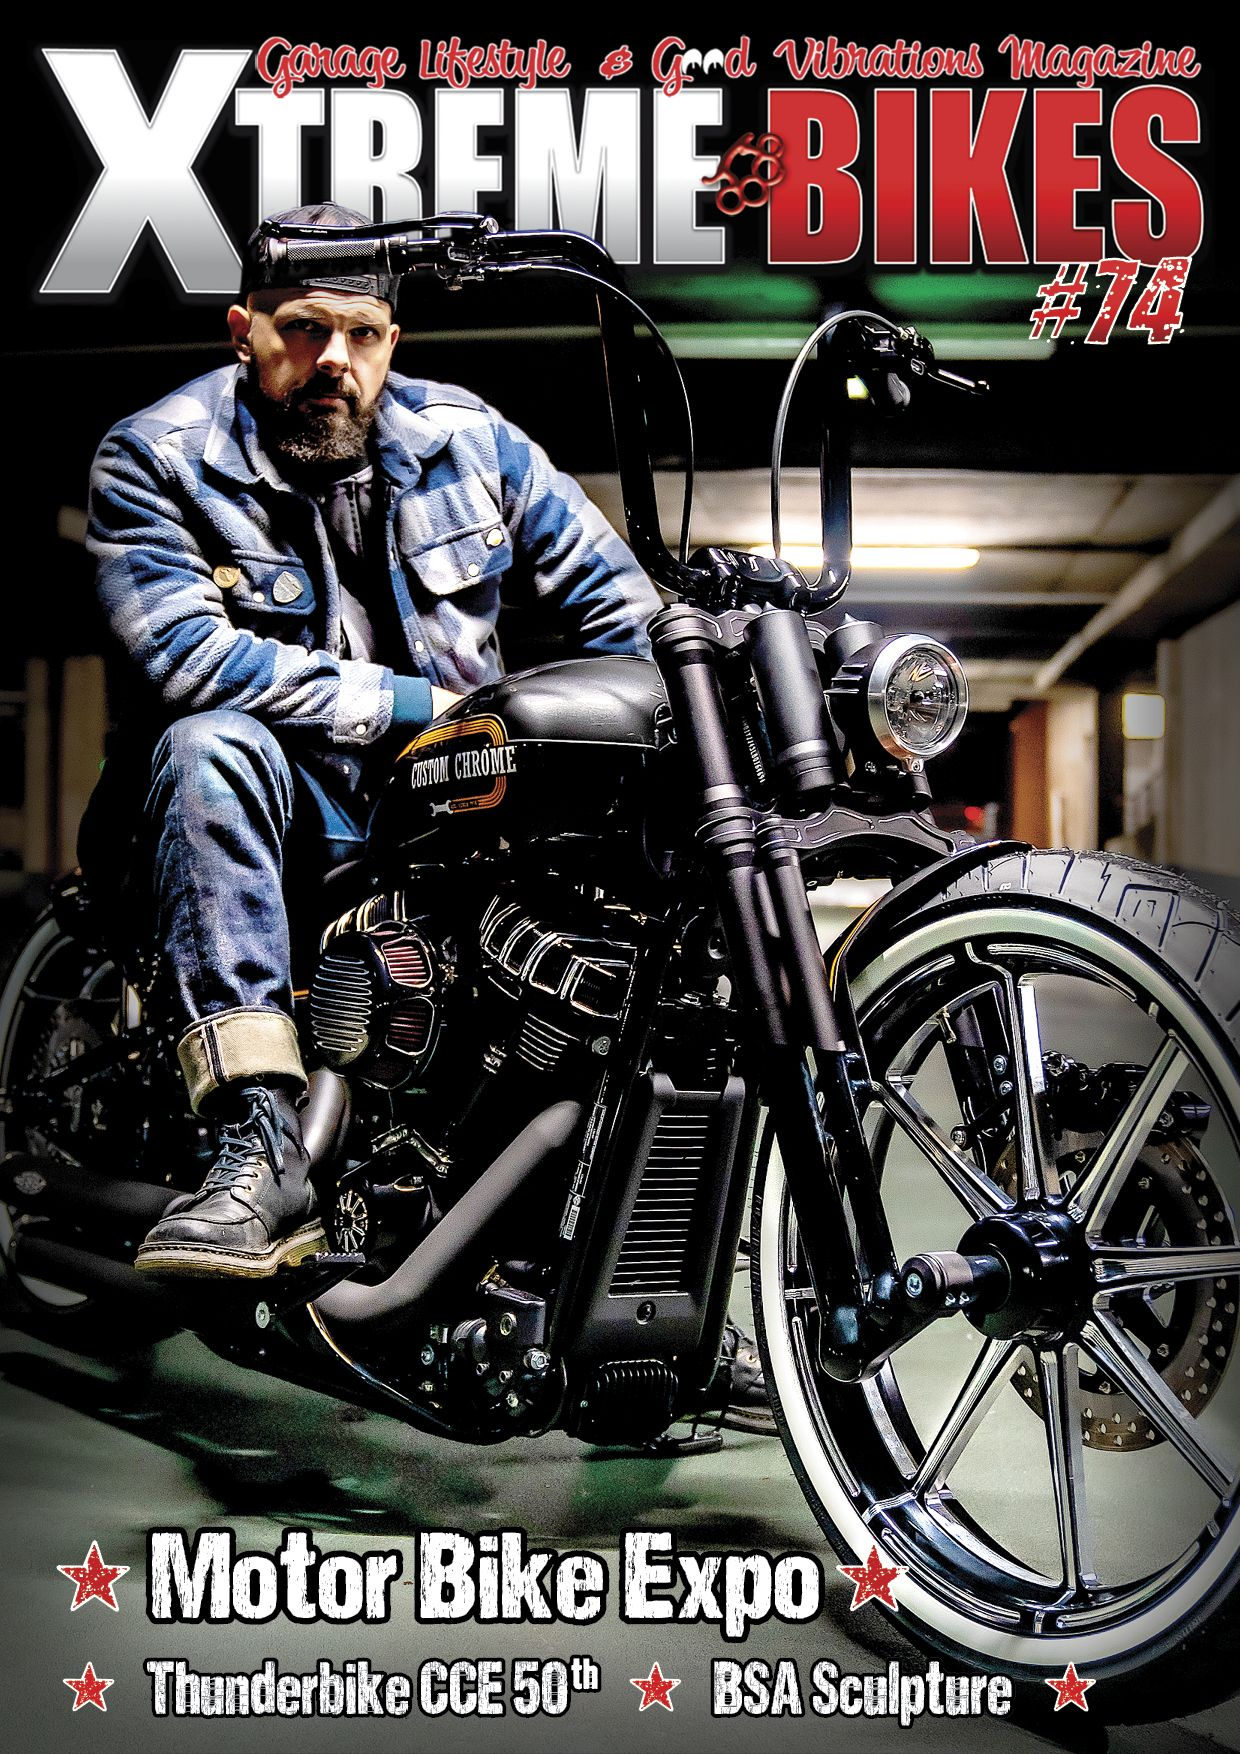 Xtreme Bikes #74